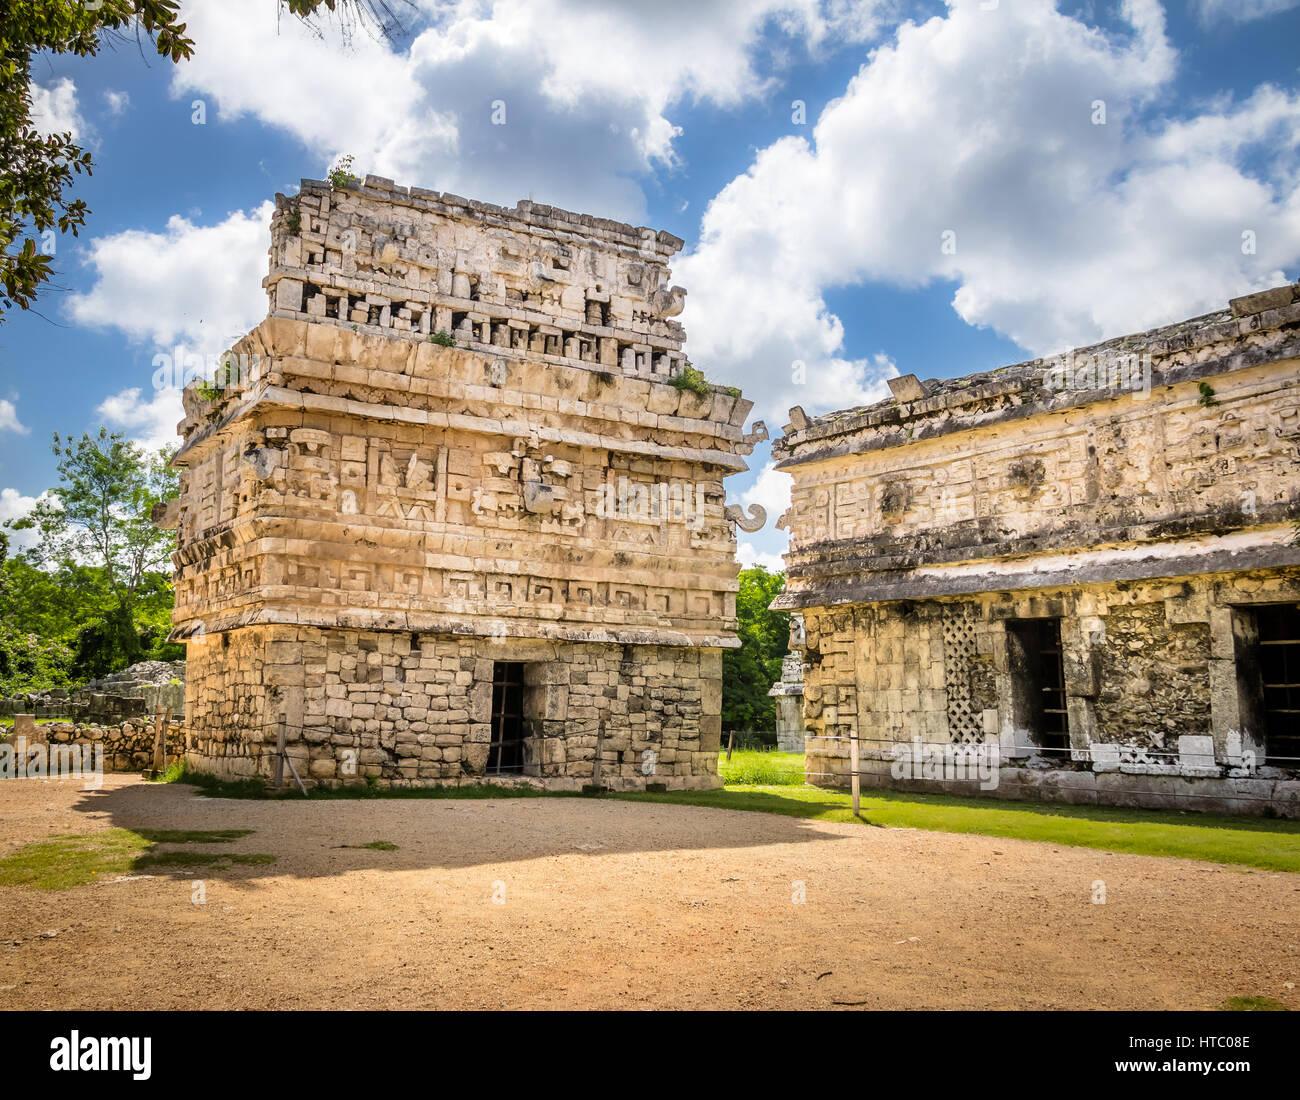 Chiesa edificio in Chichen Itza - Yucatan, Messico Immagini Stock